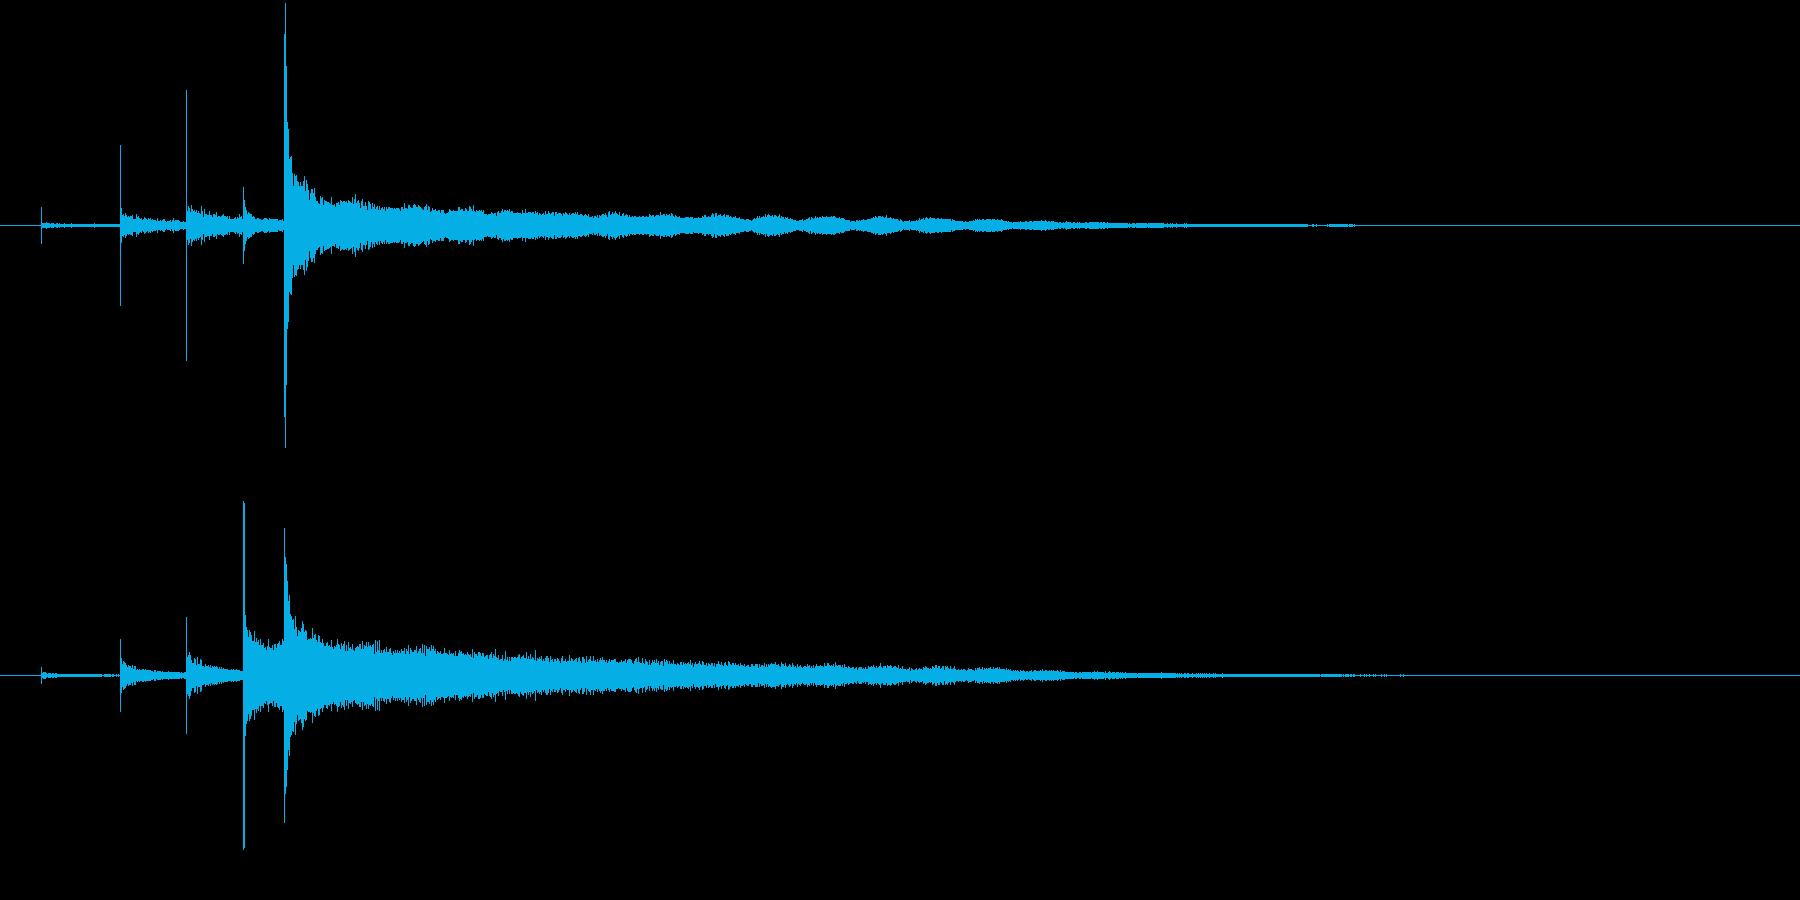 「カーンコーン〜」シンギングボウルの音の再生済みの波形